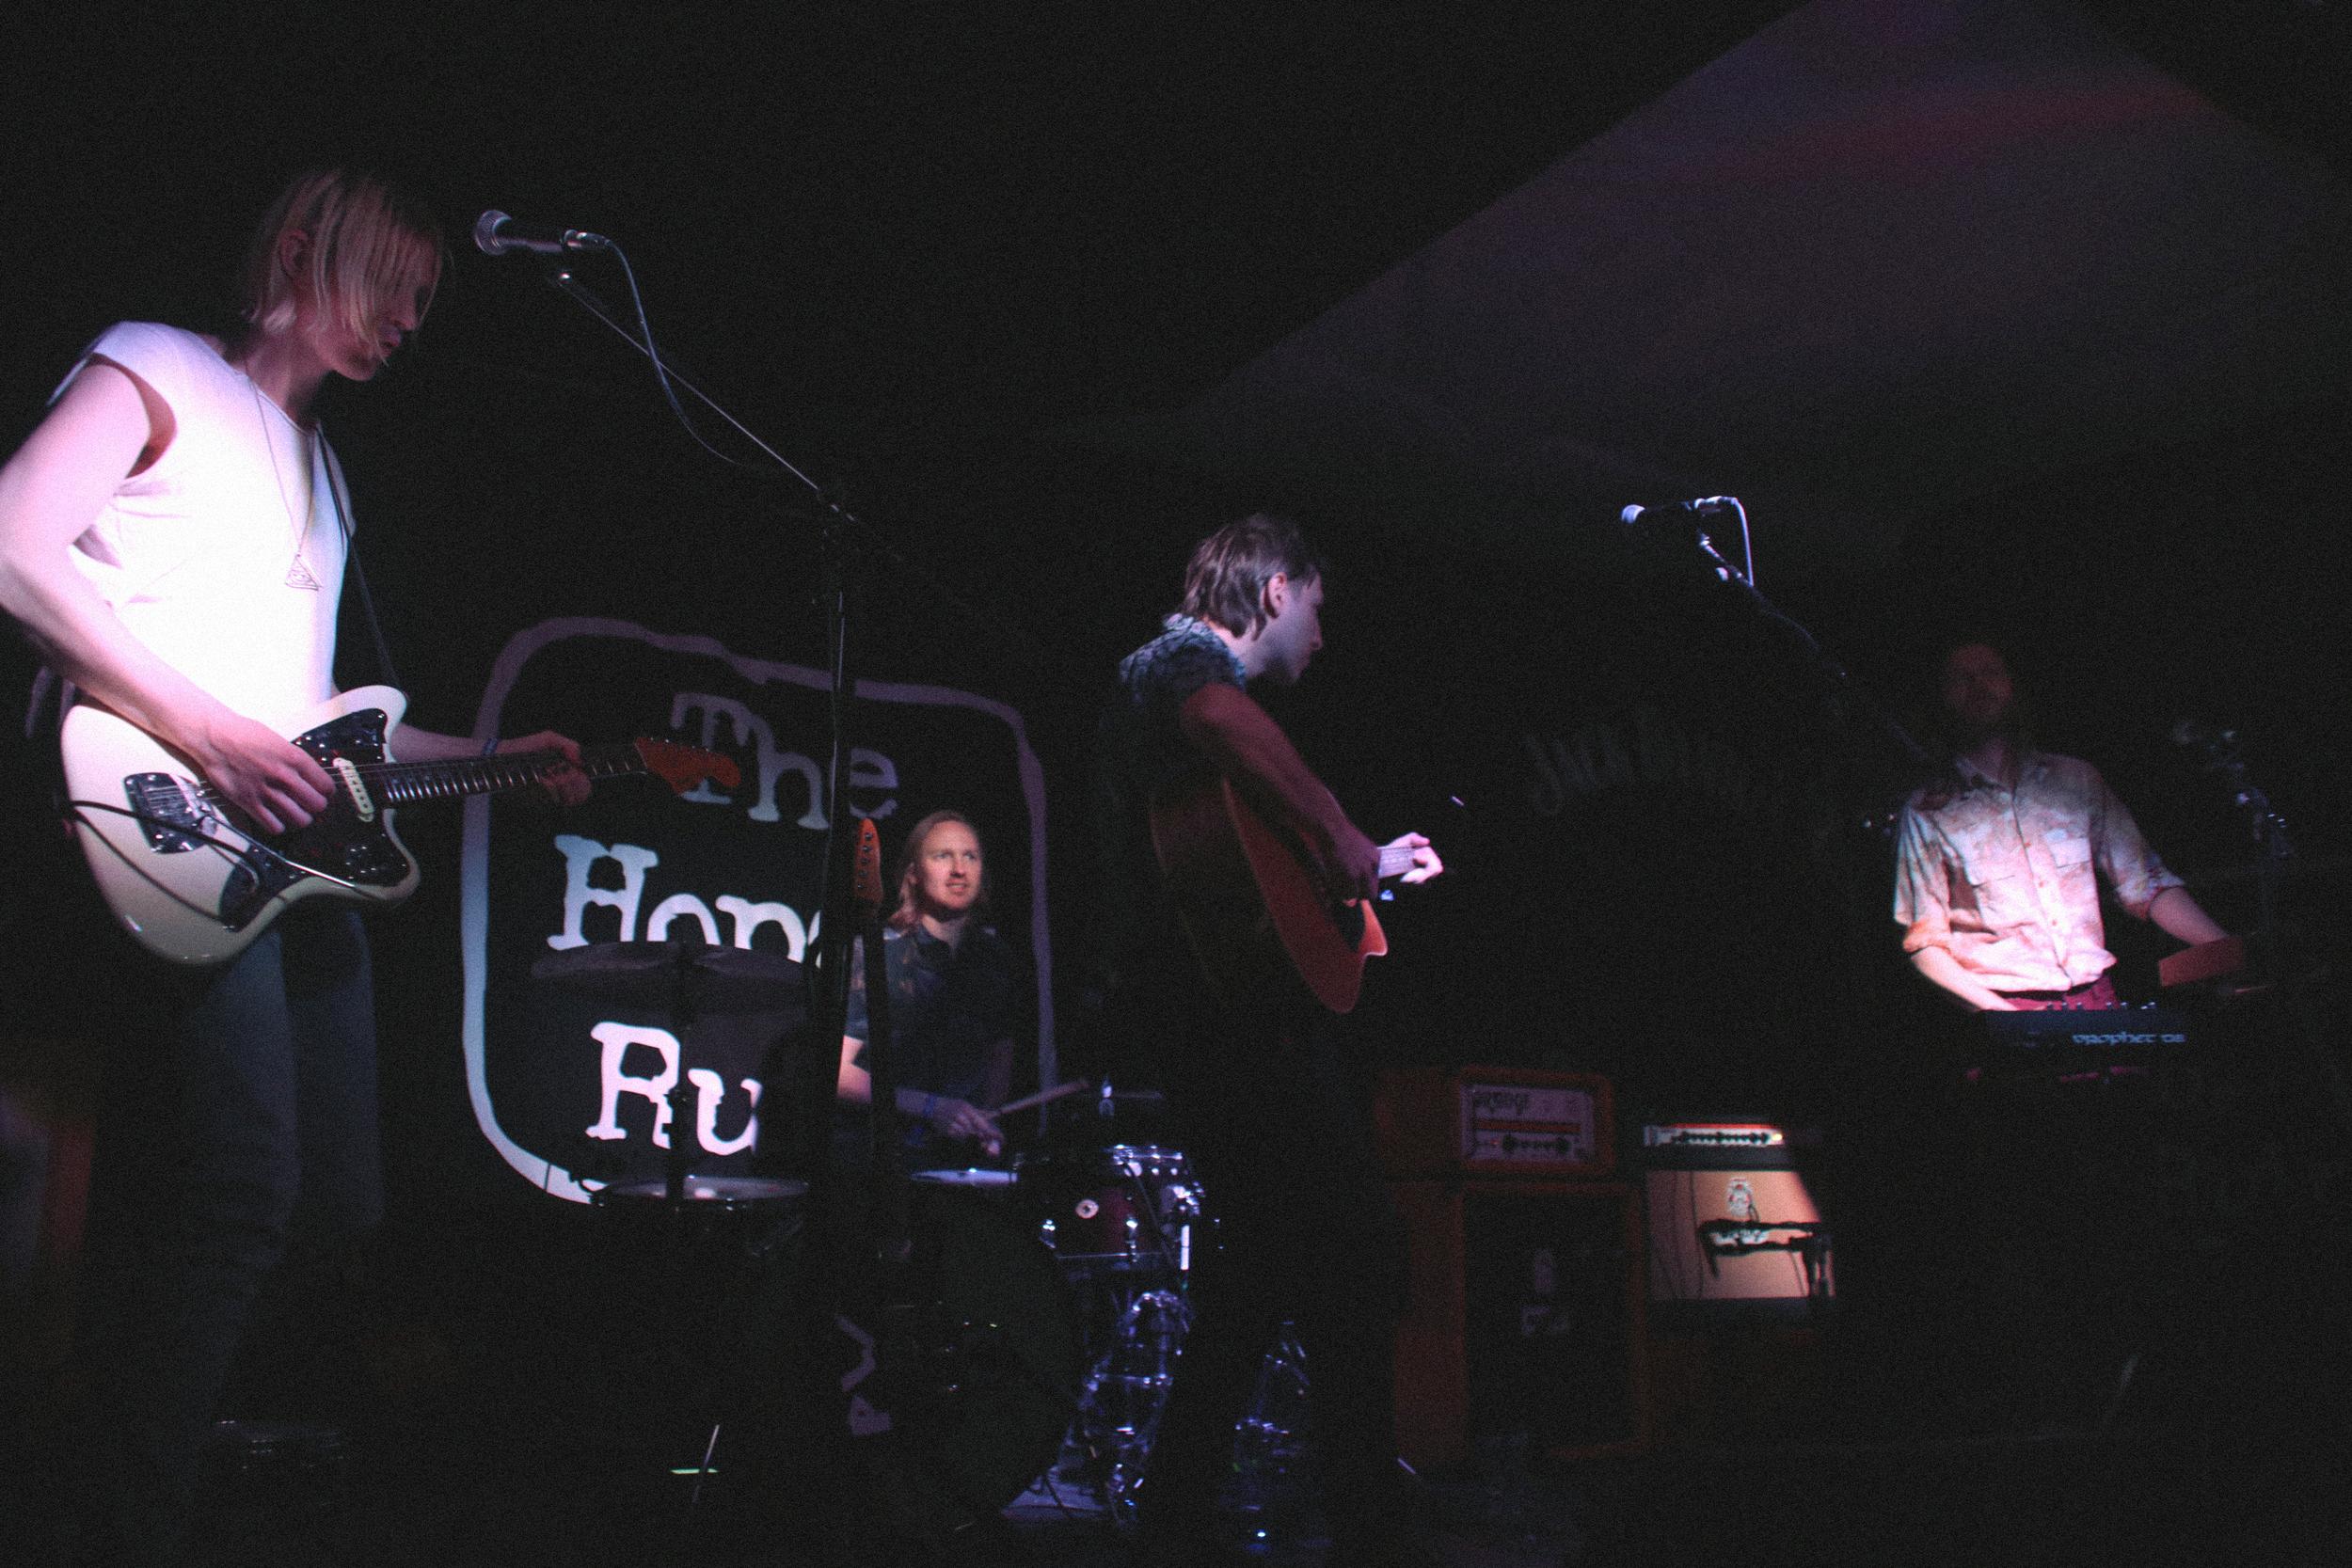 Copenhagen-based band Palace Winter